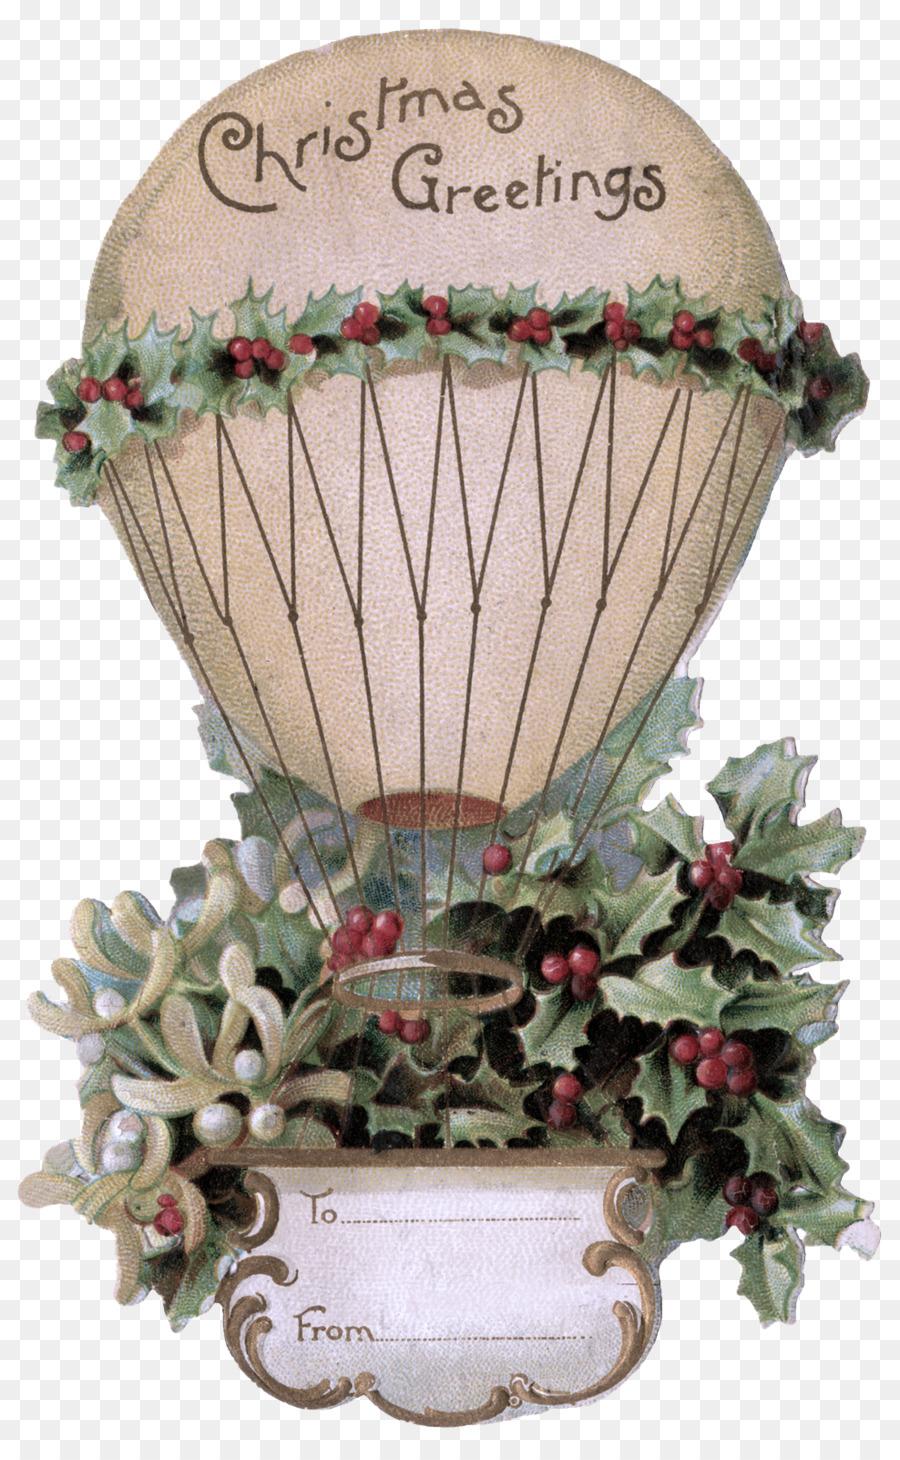 Descarga gratuita de Tambor, Globo De Aire Caliente, Instrumento Musical imágenes PNG